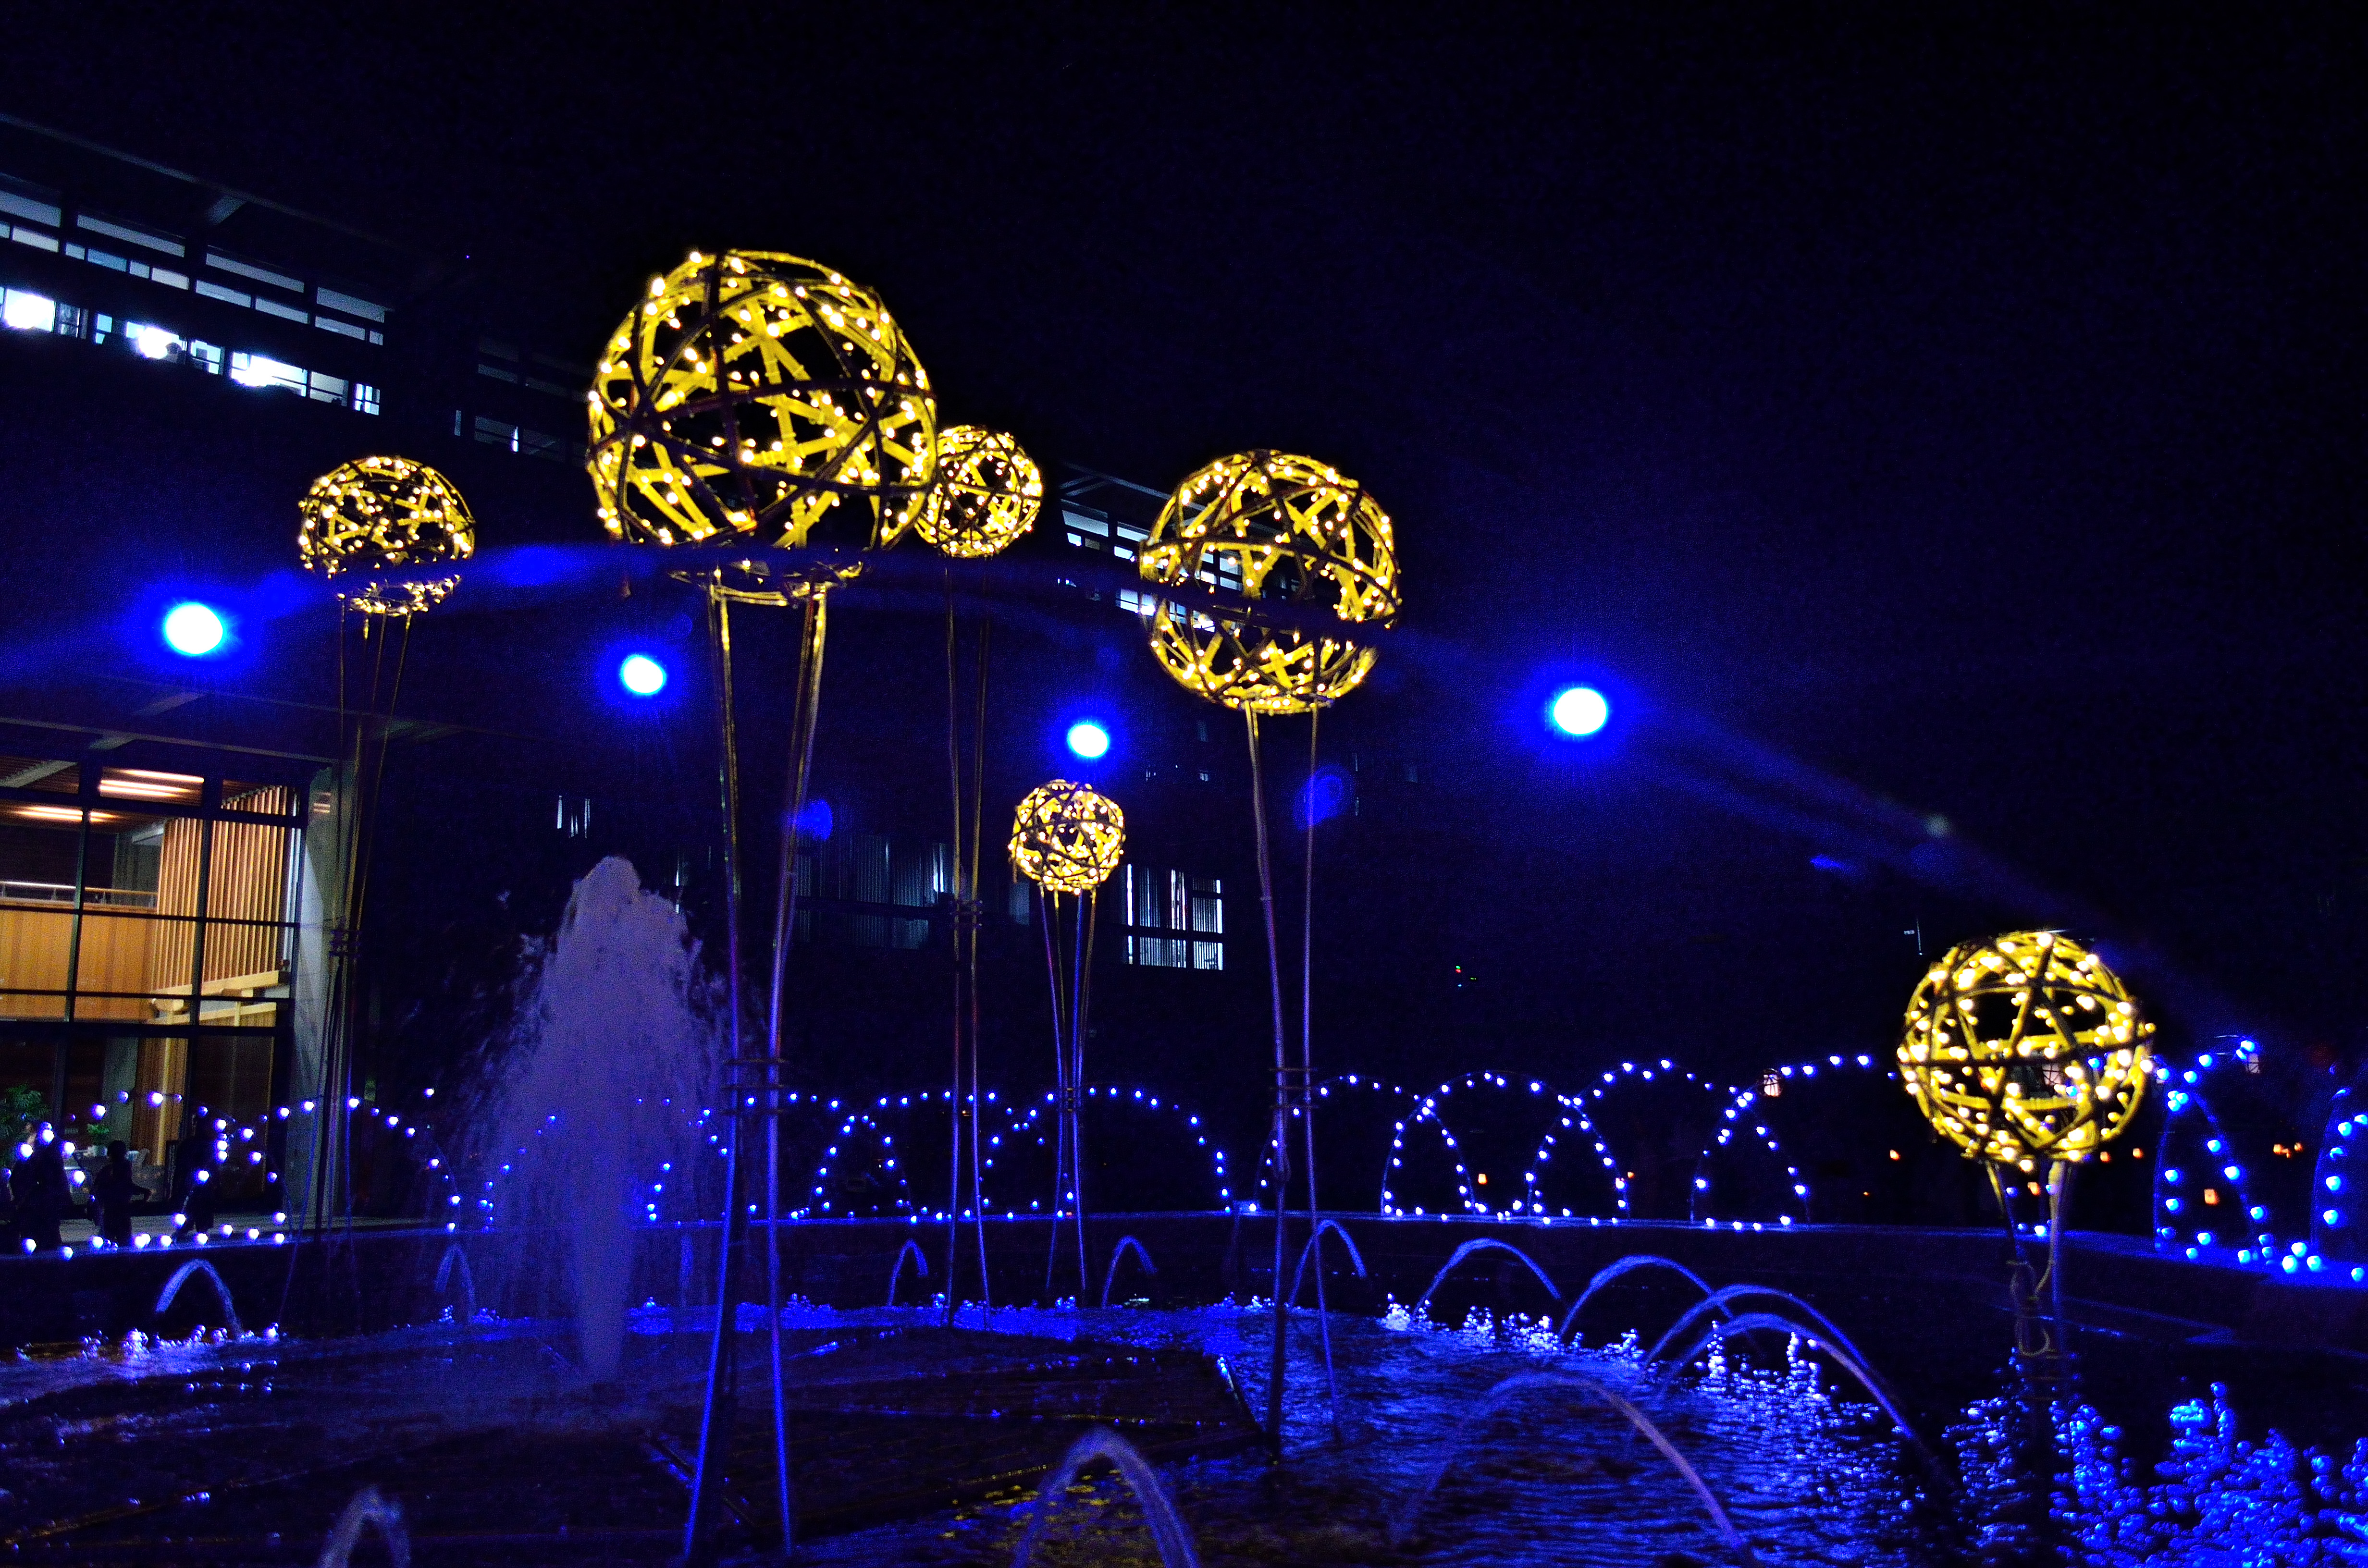 なら燈花会2013 奈良県庁前の噴水